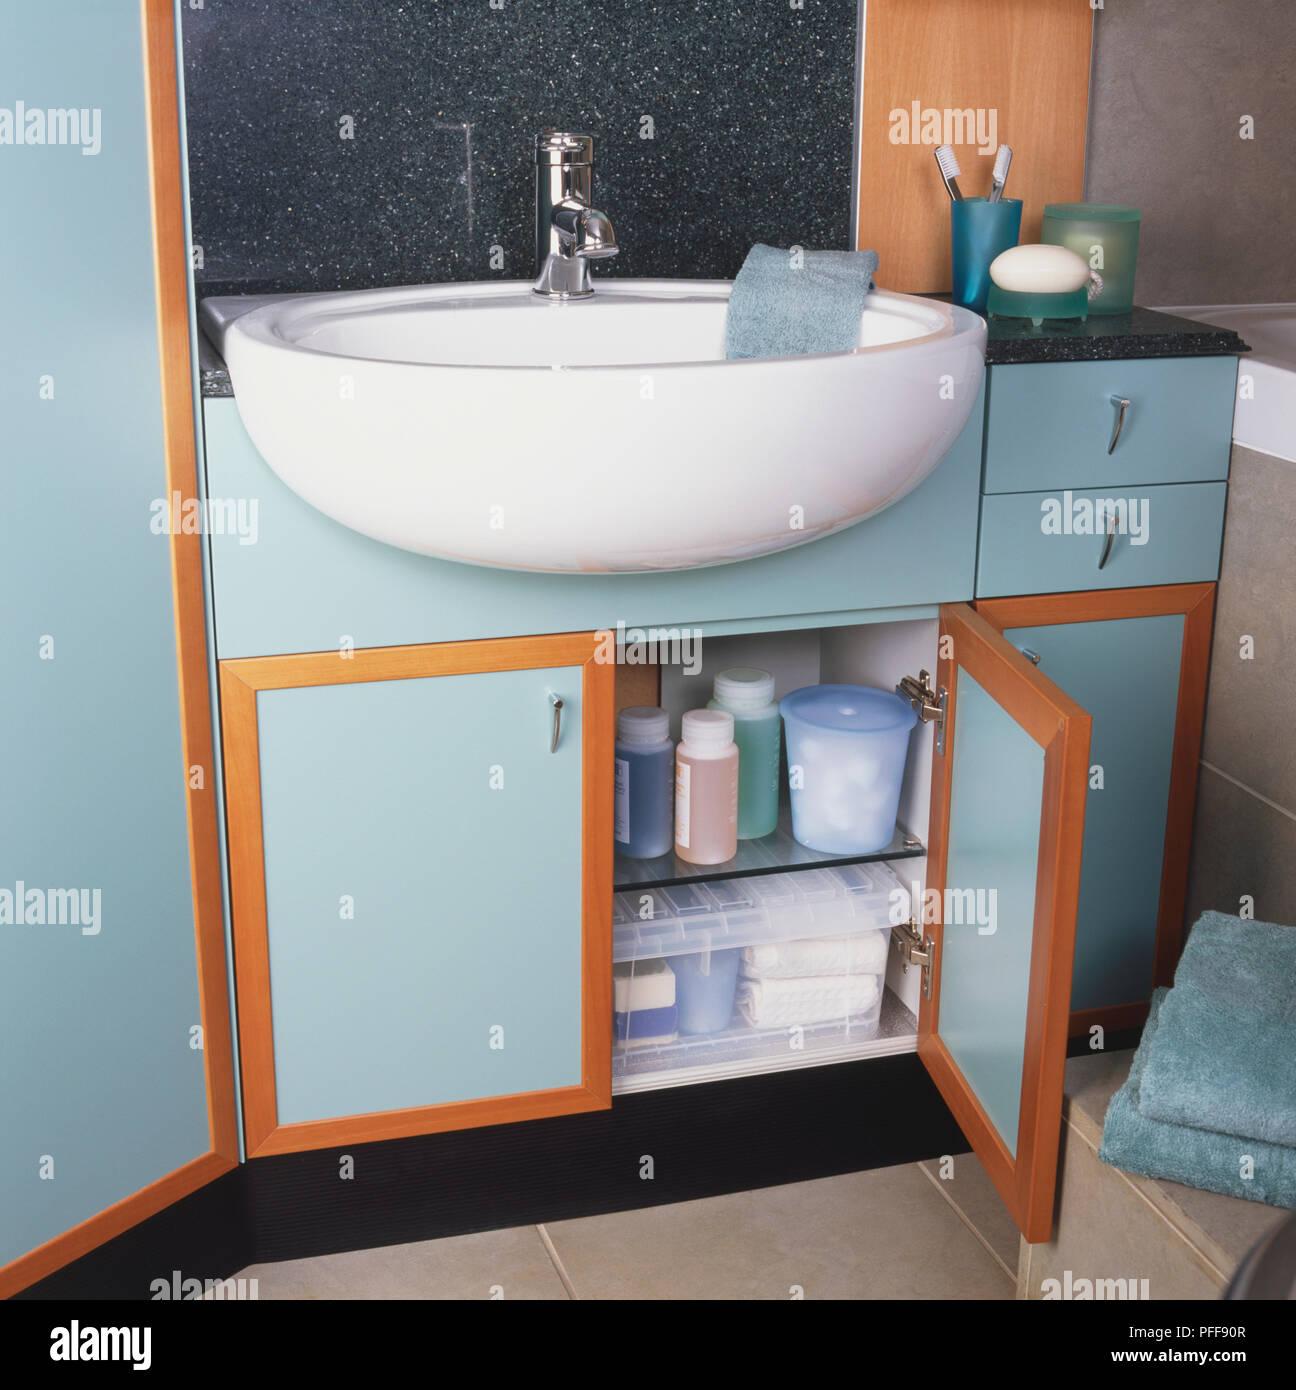 Badezimmer Waschbecken in Speichereinheit mit in Koeln eroeffnet ...